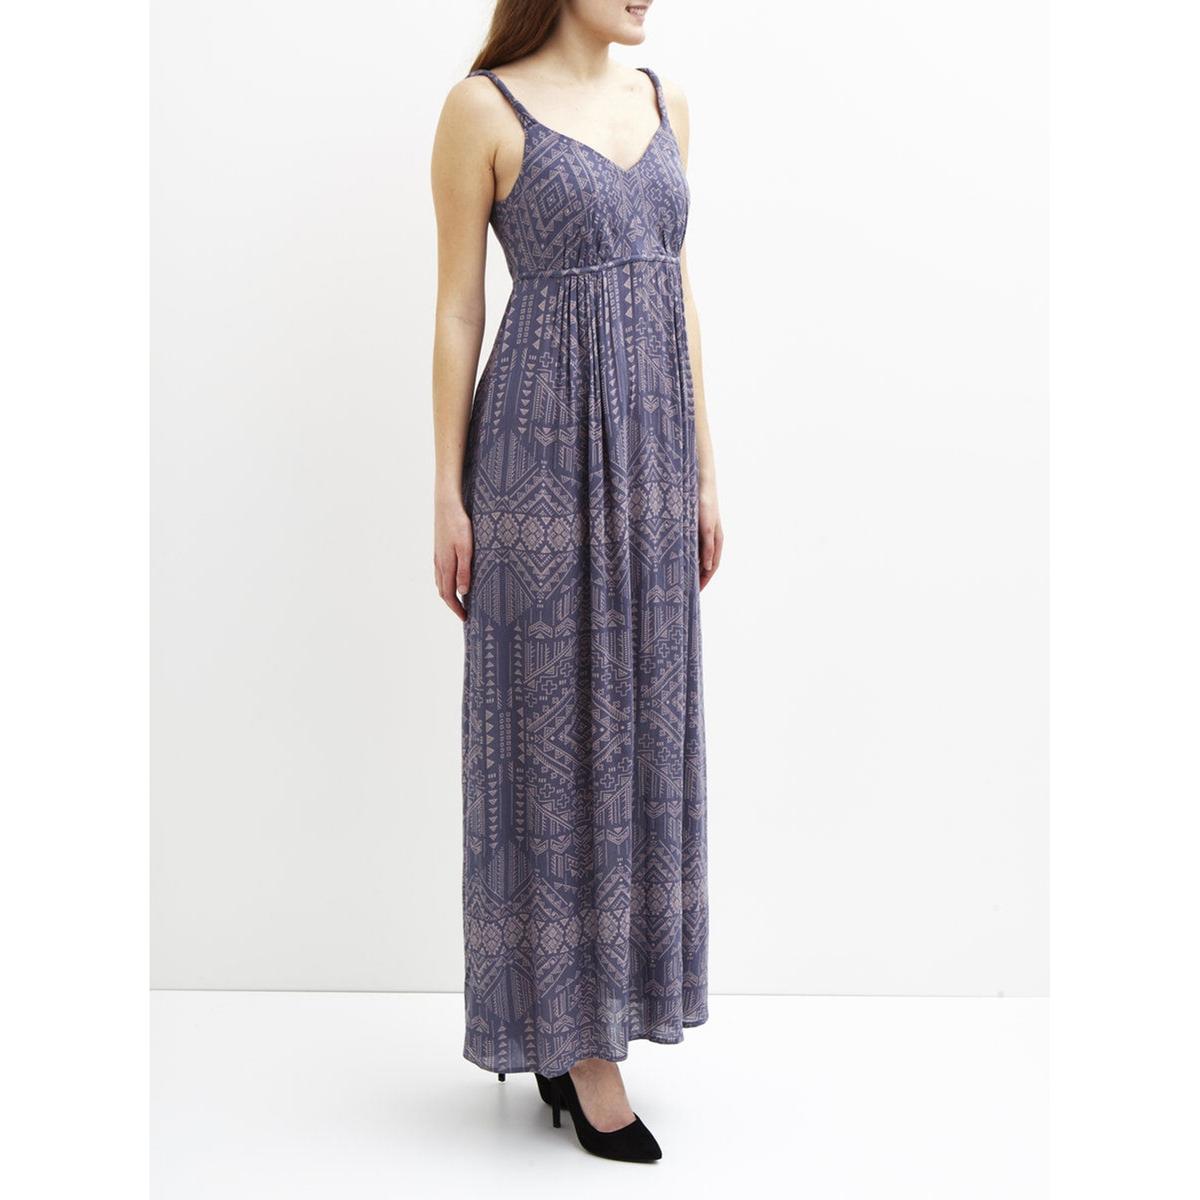 Платье длинное без рукавов, с плиссированным эффектом VILA VILUKKAL MAXI DRESSСостав и описание :Материал : 100% вискозыМарка : VILA<br><br>Цвет: сине-серый<br>Размер: XS